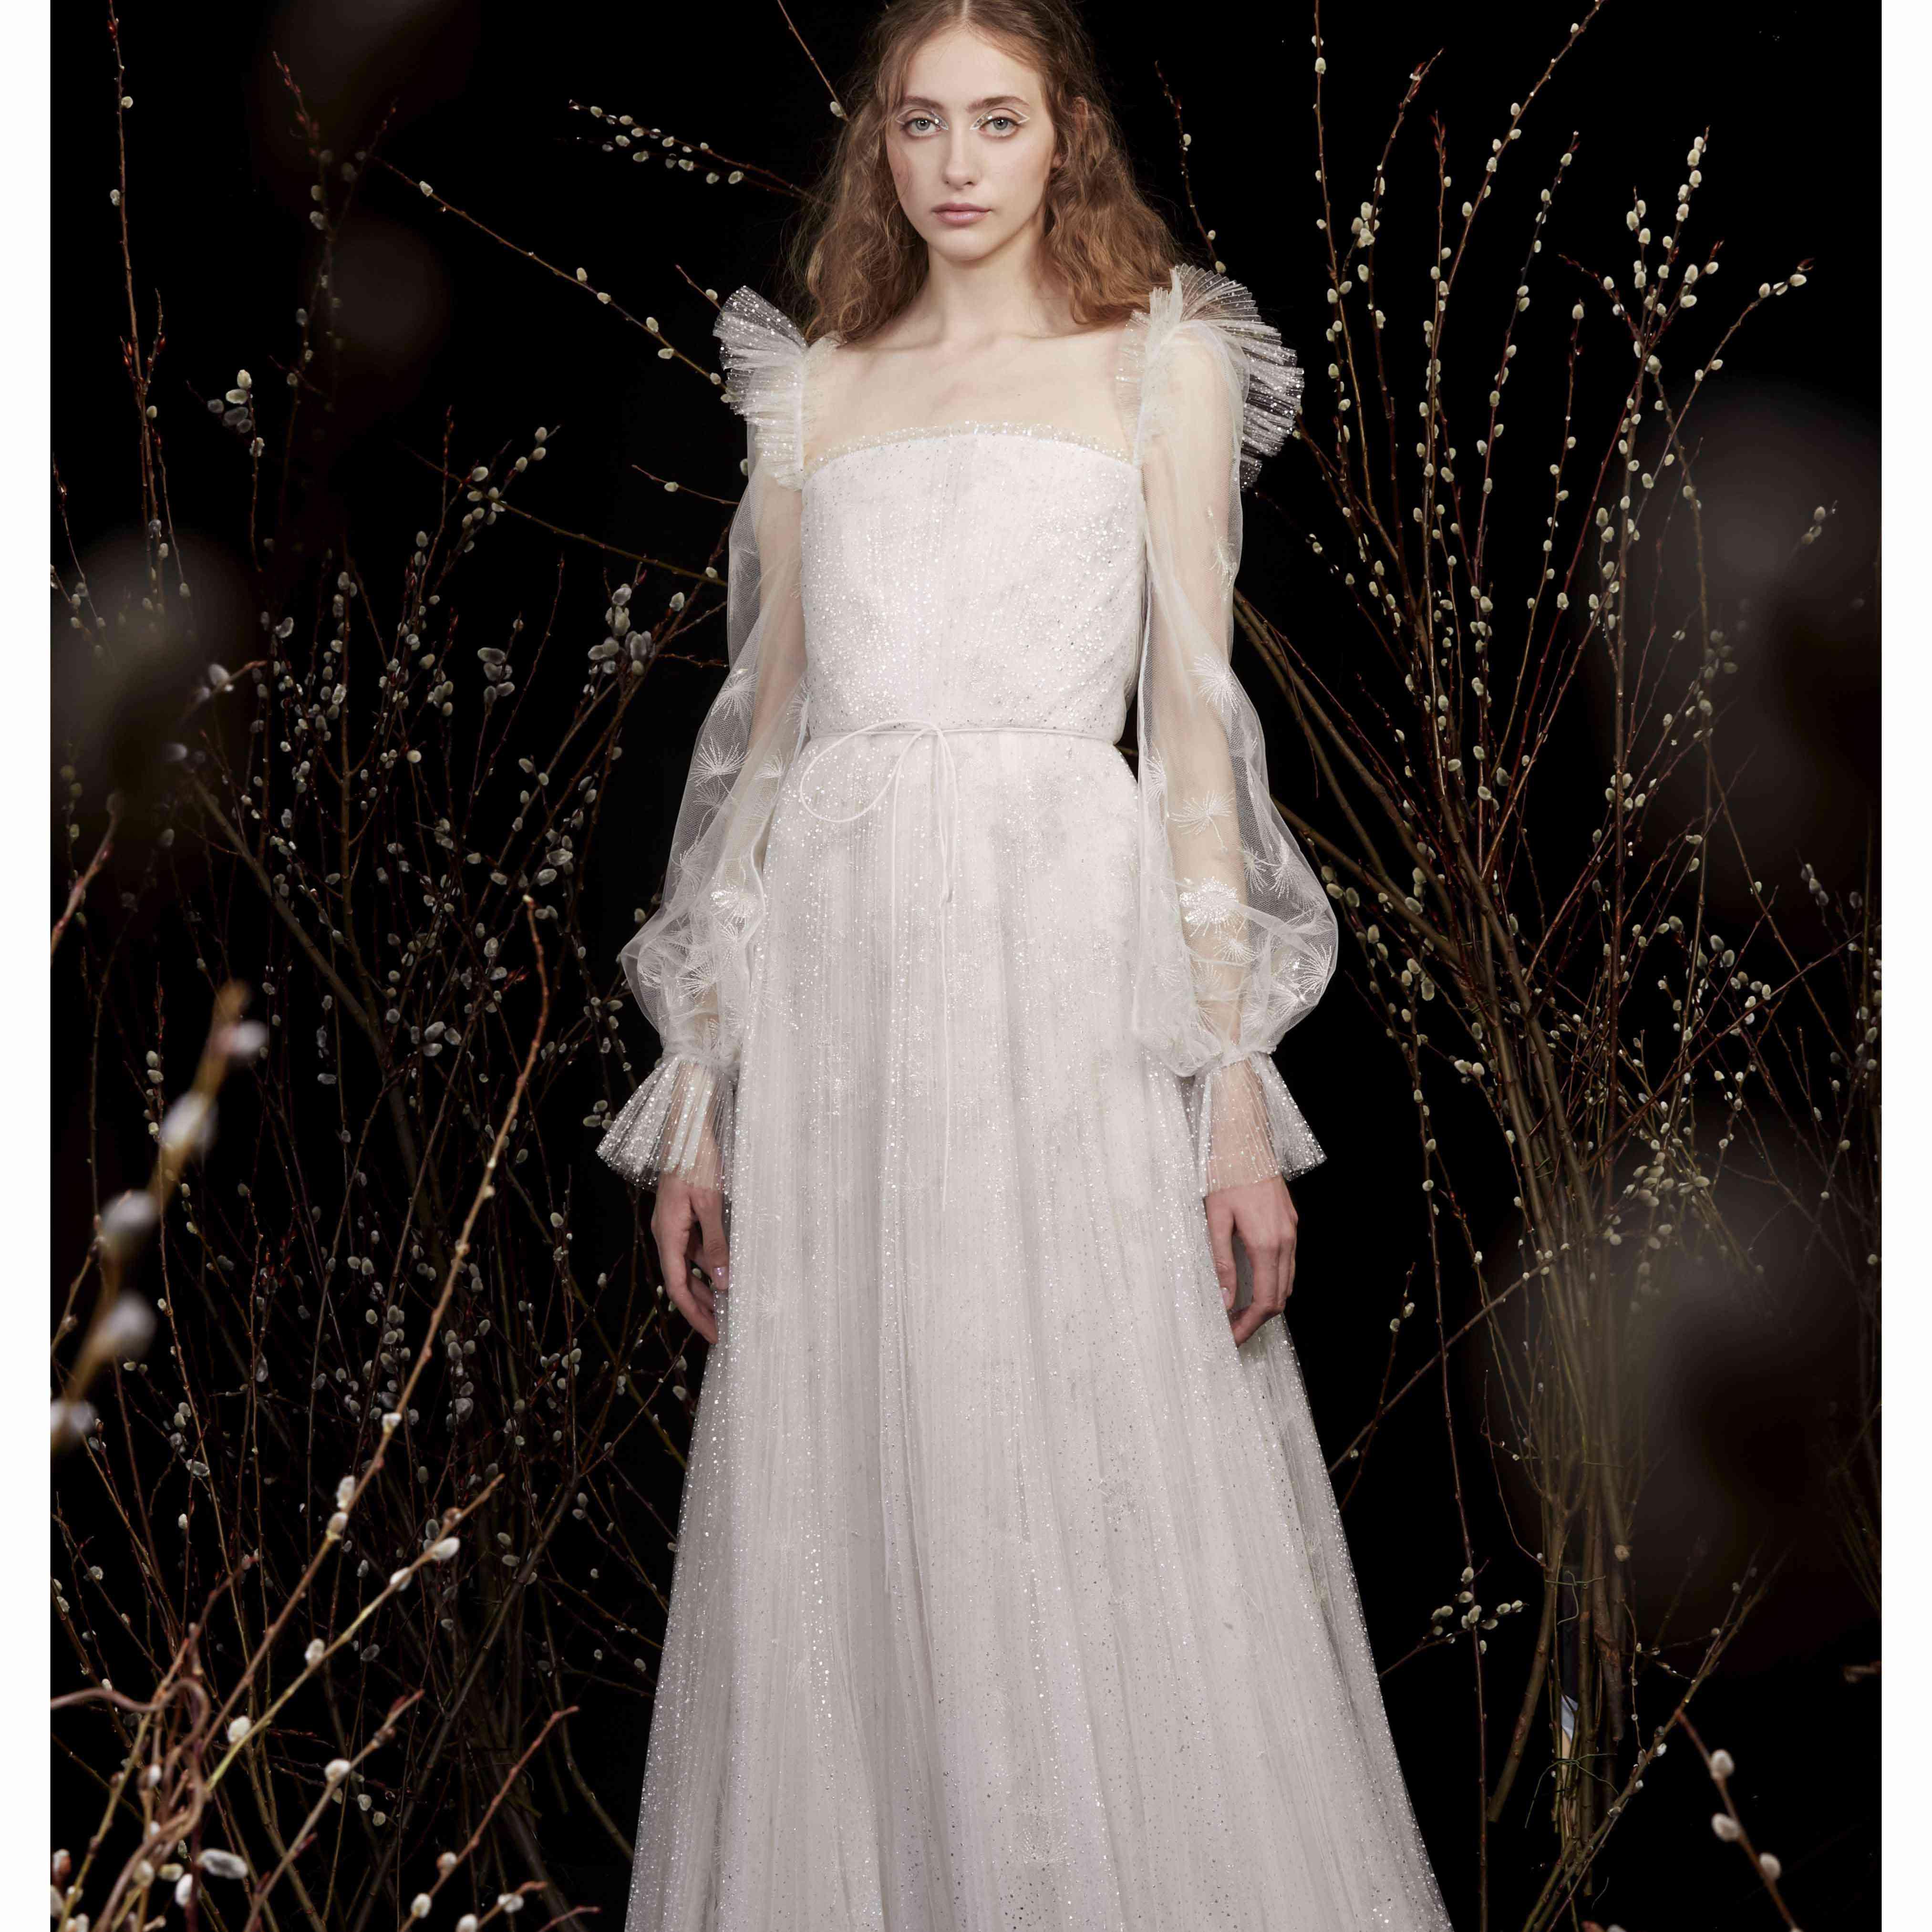 Model in long sleeve A-line wedding dress